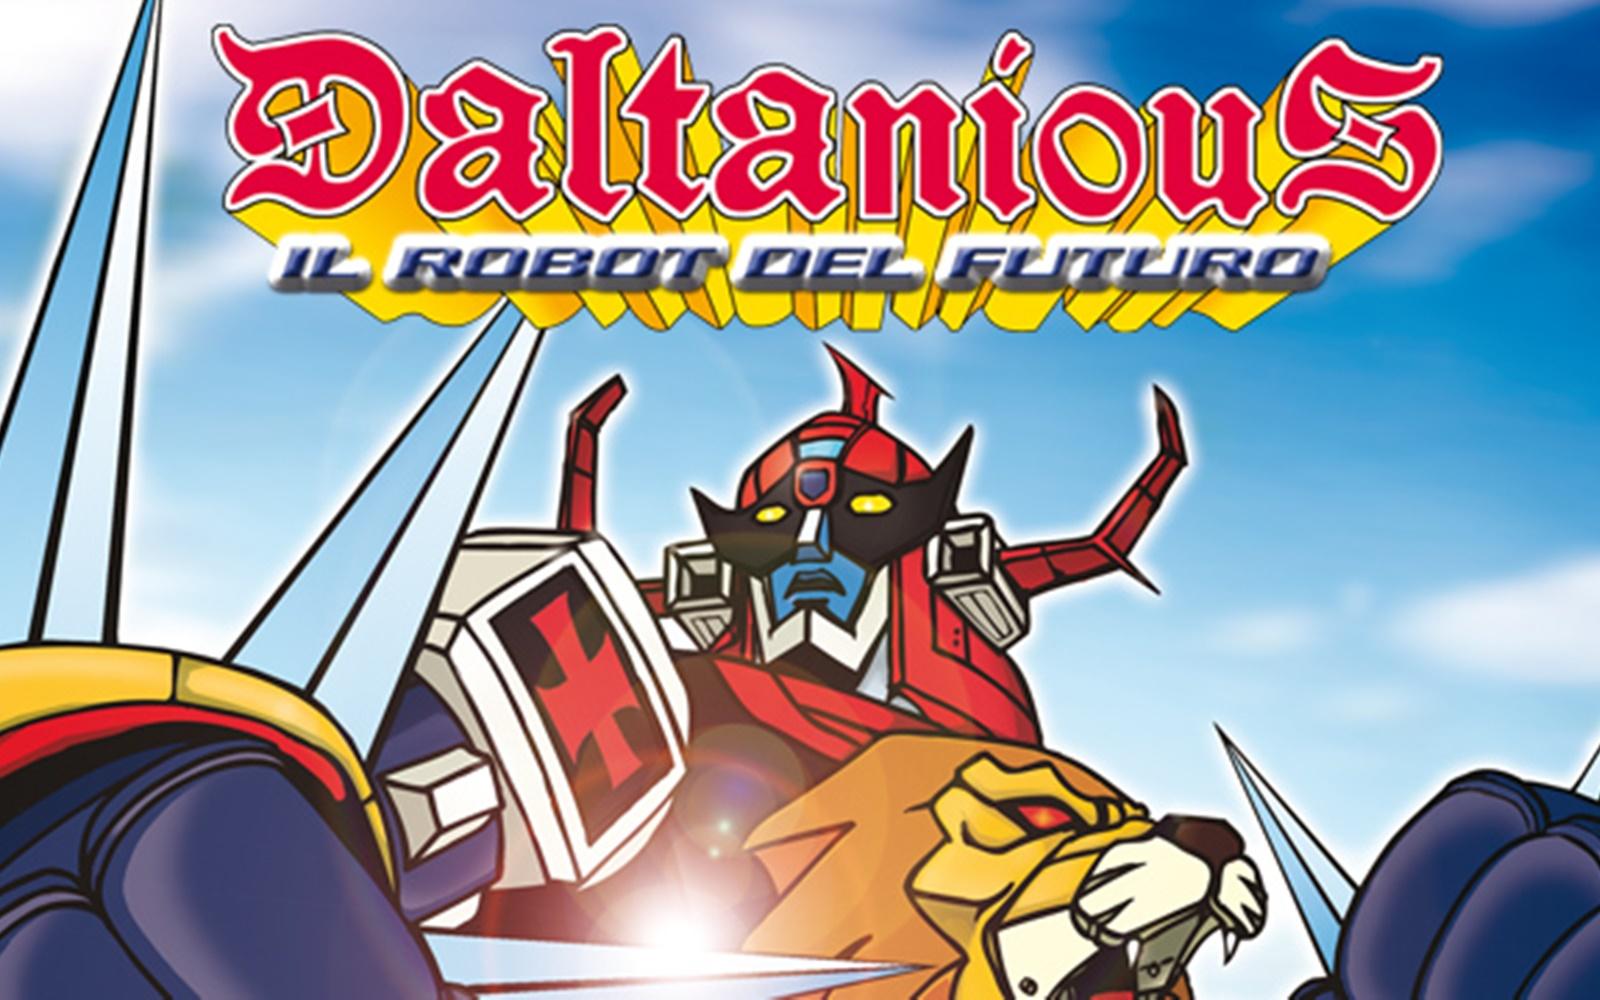 Daltanious il robot del futuro recensione dvd box set 1 for Futuro del classico